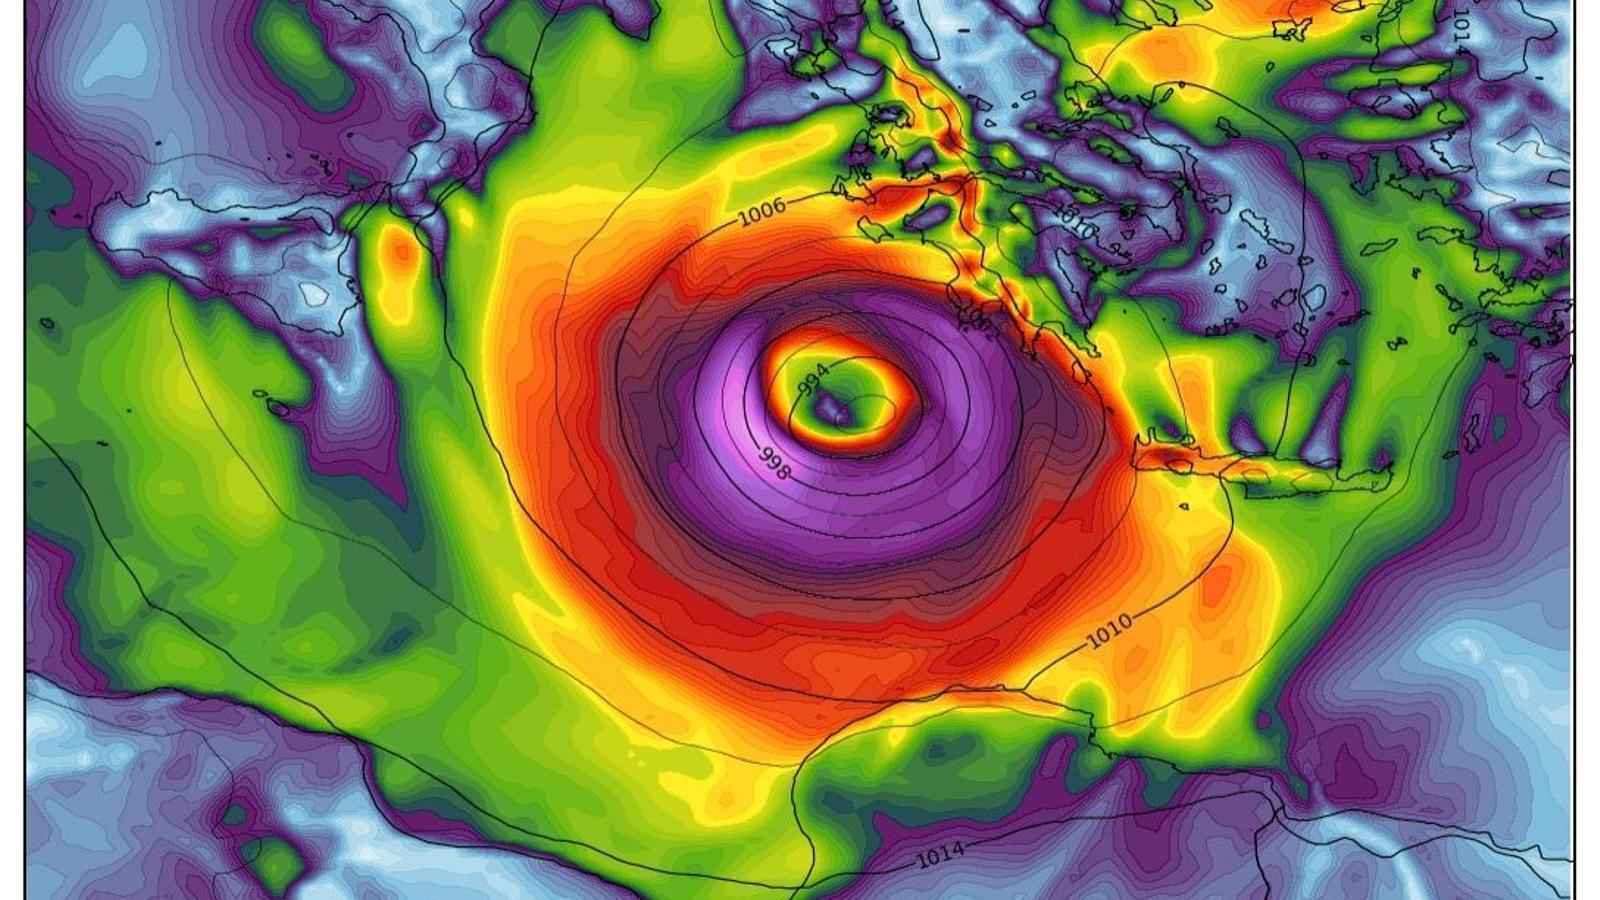 Una nova borrasca tropical amenaça de provocar vents huracanats al Mediterrani